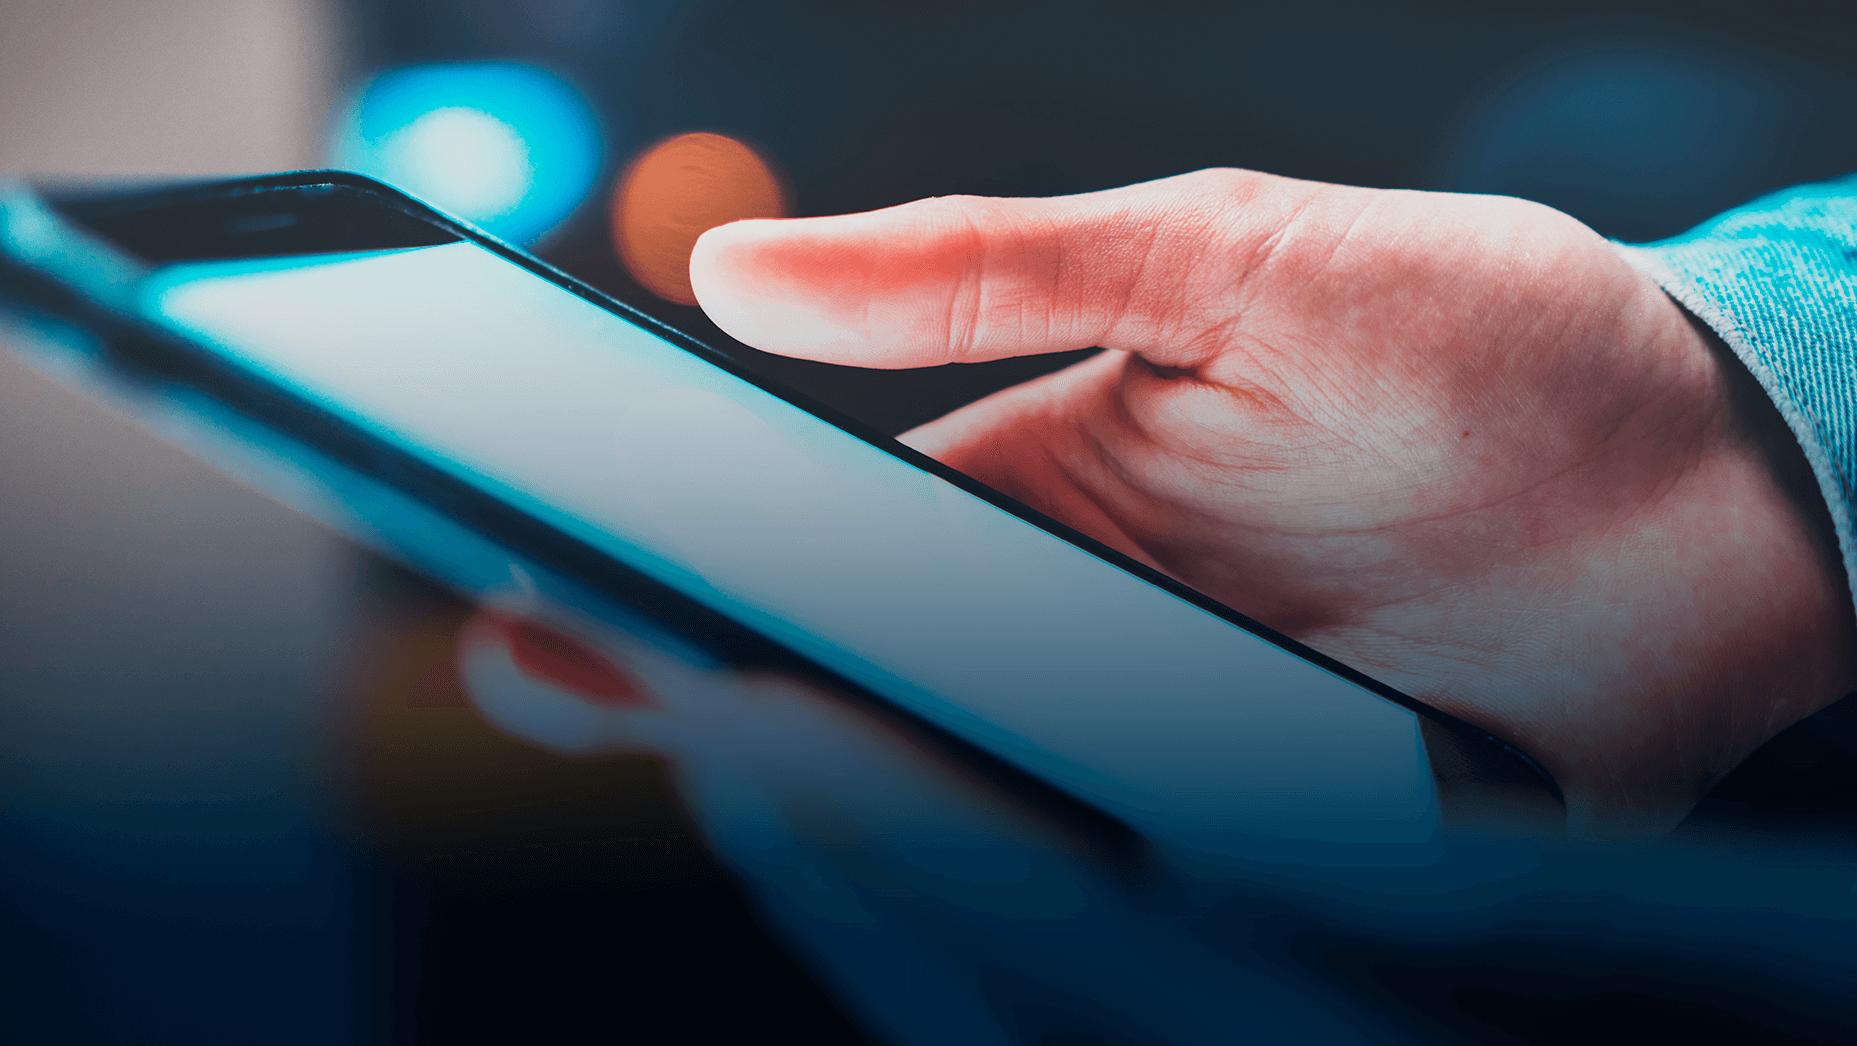 Opinião | O futuro da educação e os aplicativos móveis